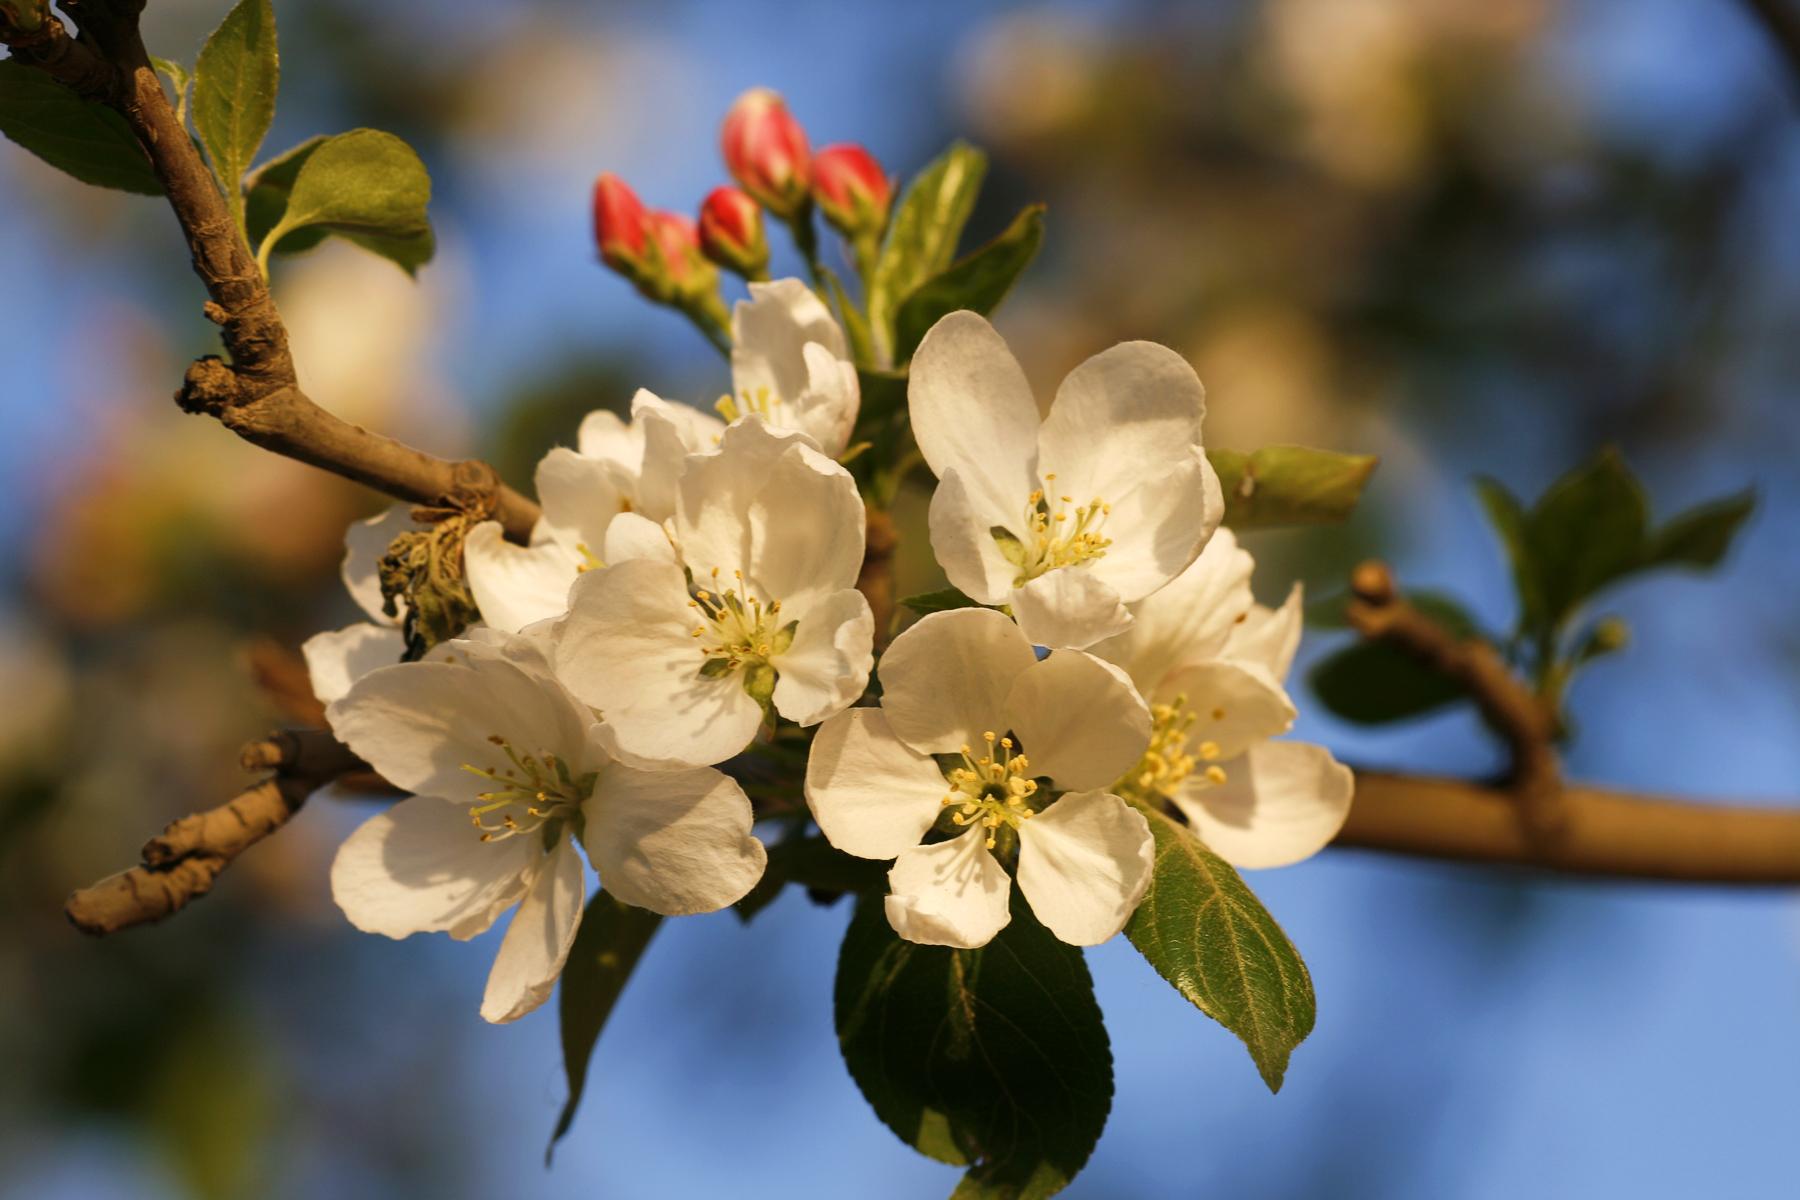 White Flowers, Beautiful, Fresh, Nobody, Nature, HQ Photo